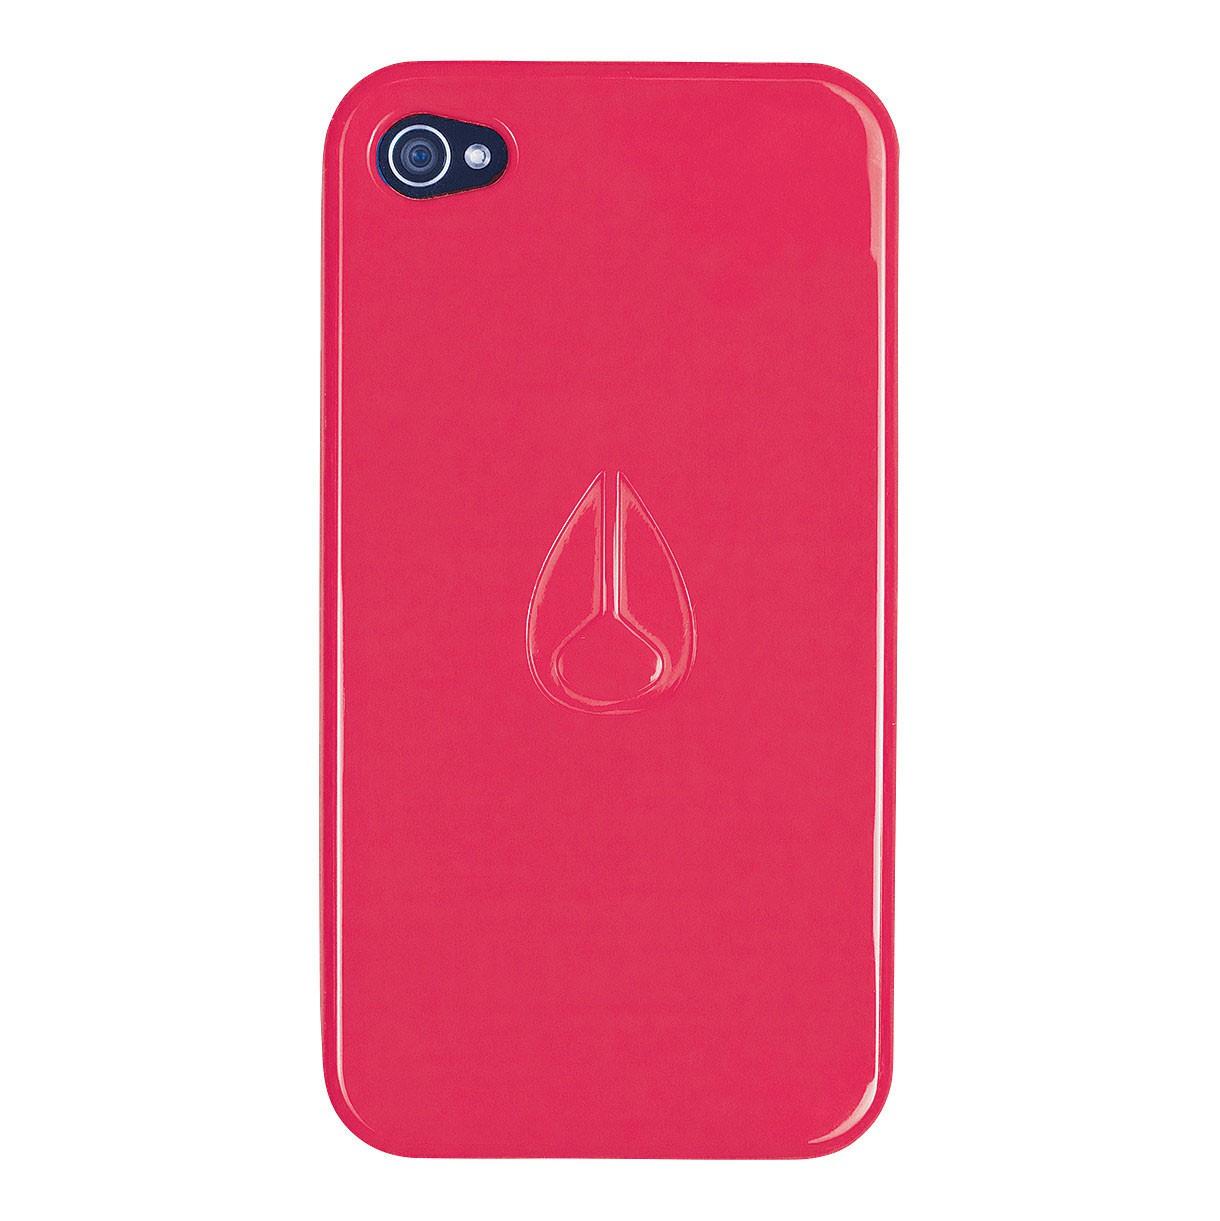 Obal na telefon Nixon Jacket Iphone 4 neon coral + doručení do 24 hodin